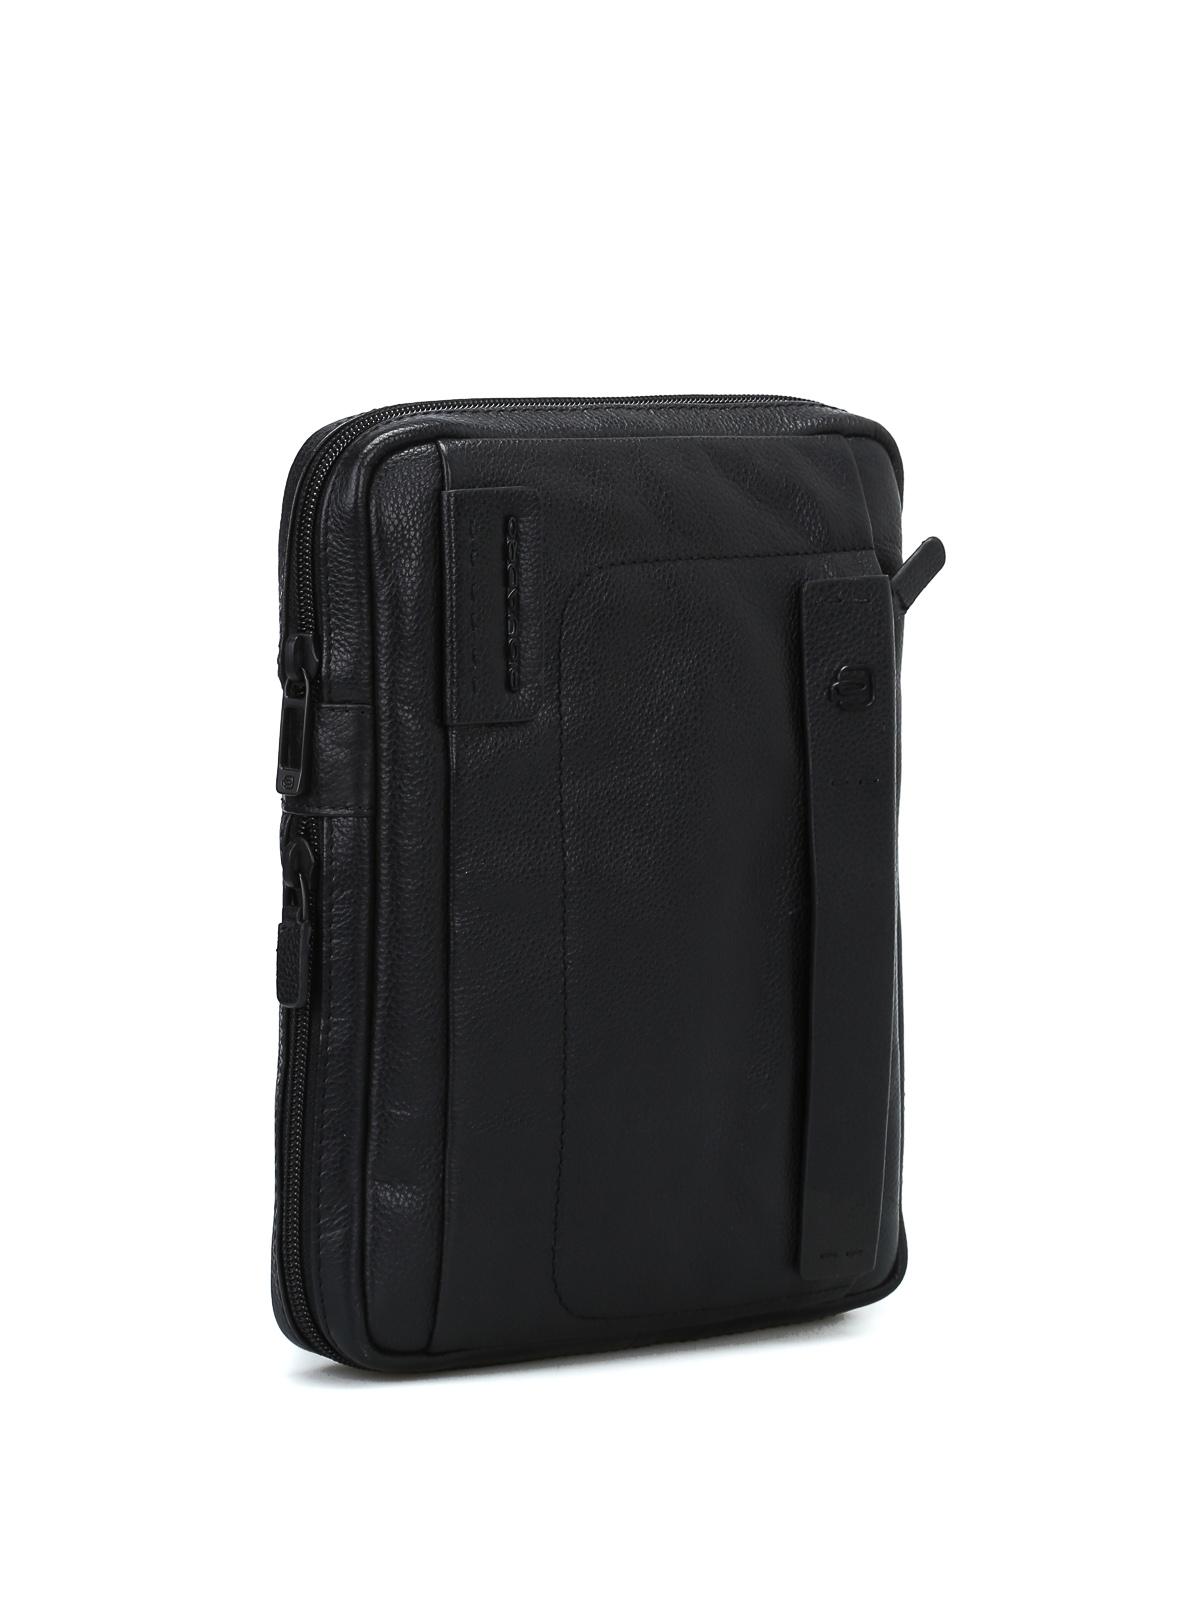 PIQUADRO  borse a tracolla online - Borsa a tracolla porta iPad nera f6e8d58b56c